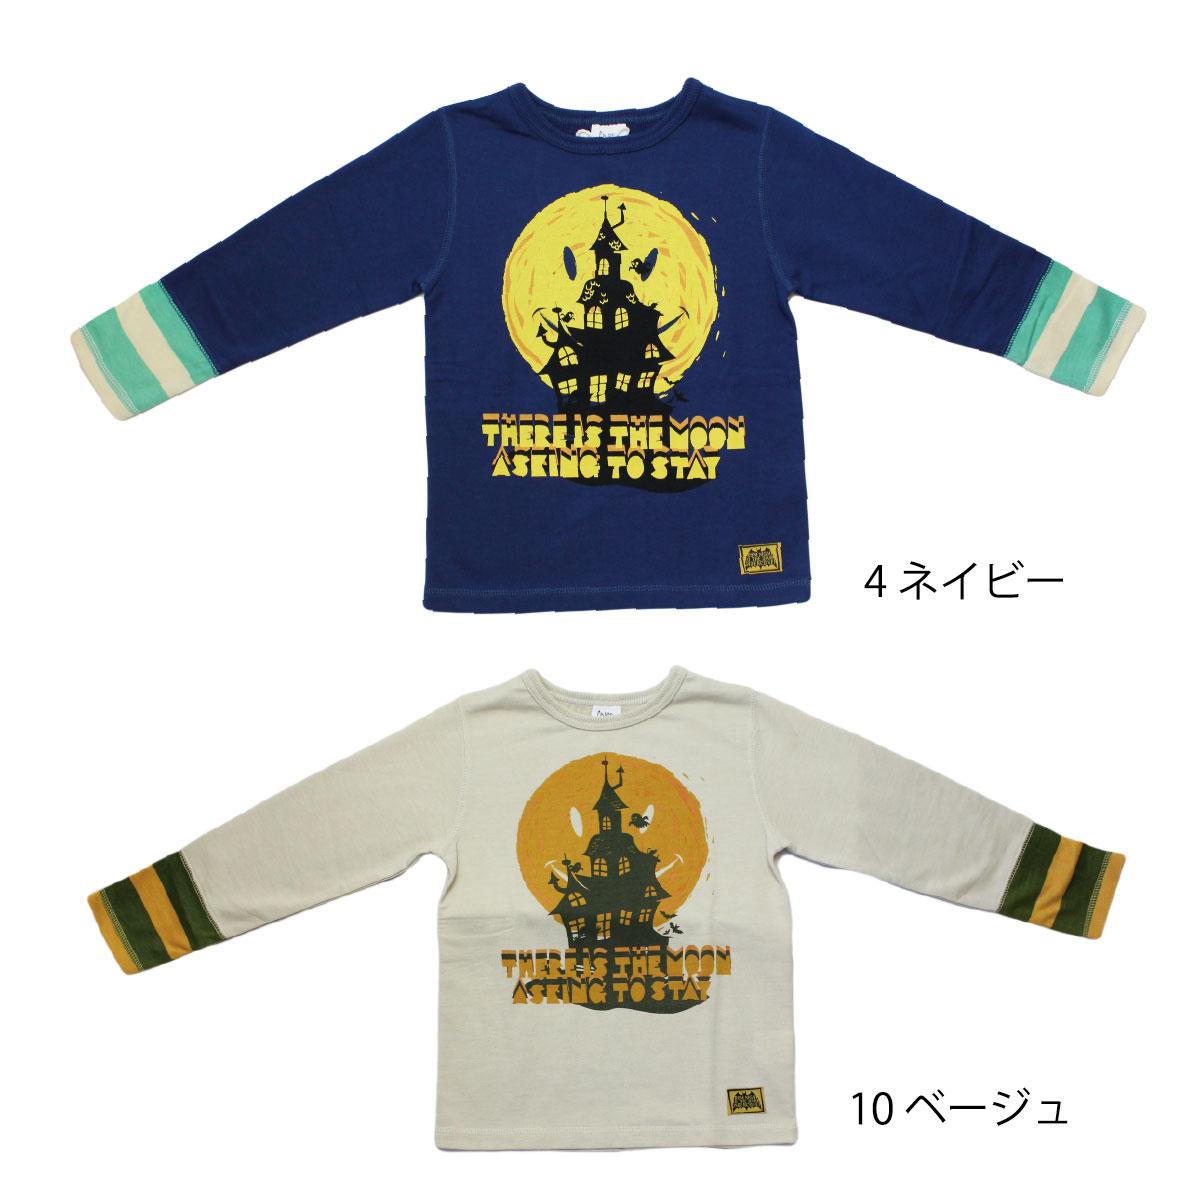 【ネコポス対応】【SiShuNon/FARM】オバケハウスTシャツ ファーム